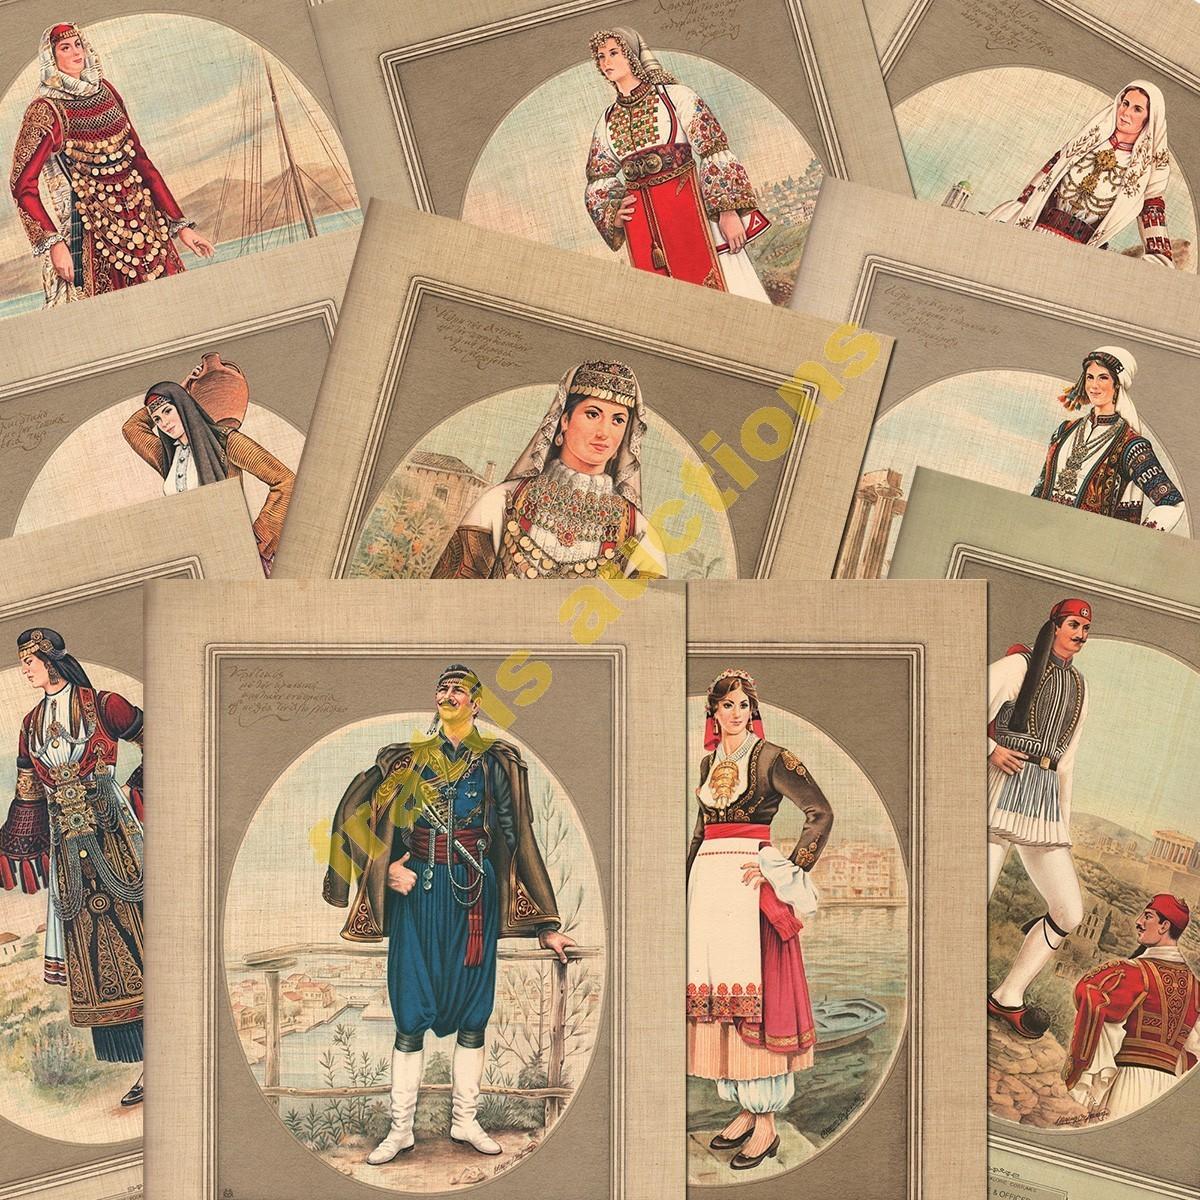 13 Αφίσες Γυναικών και Αντρών με Παραδοσιακές Φορεσιές.